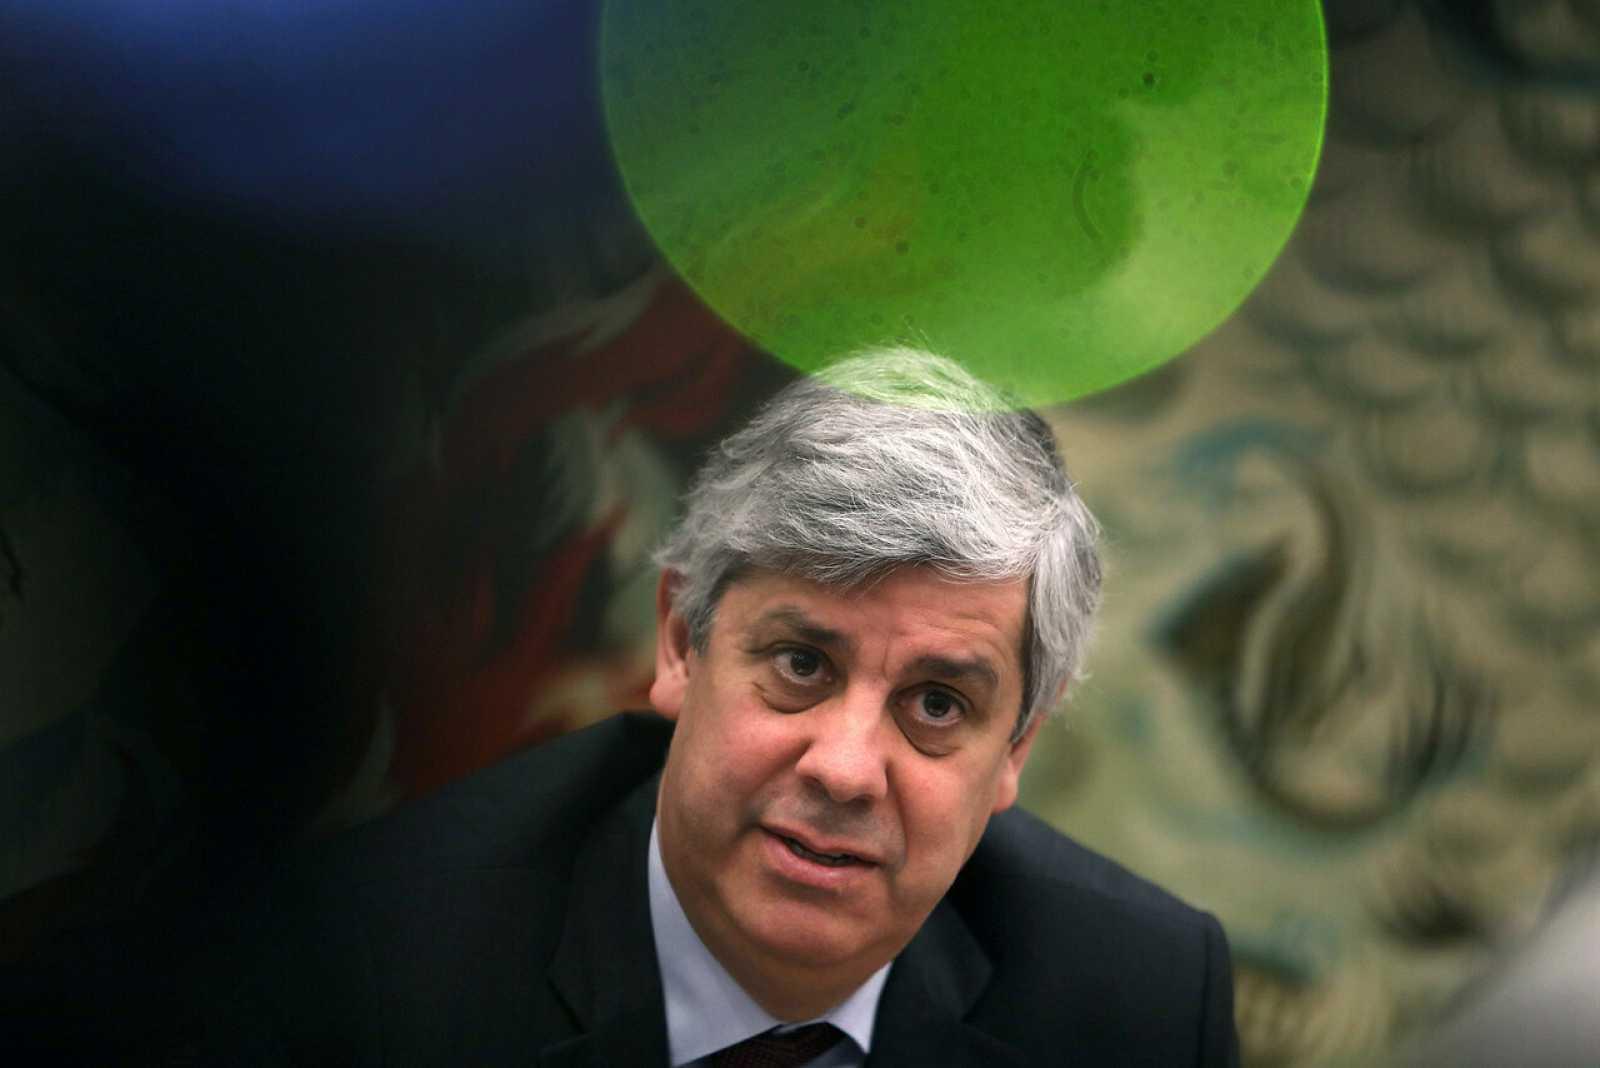 El ministro de Finanzas de Portugal y presidente del Eurogrupo, Mário Centeno